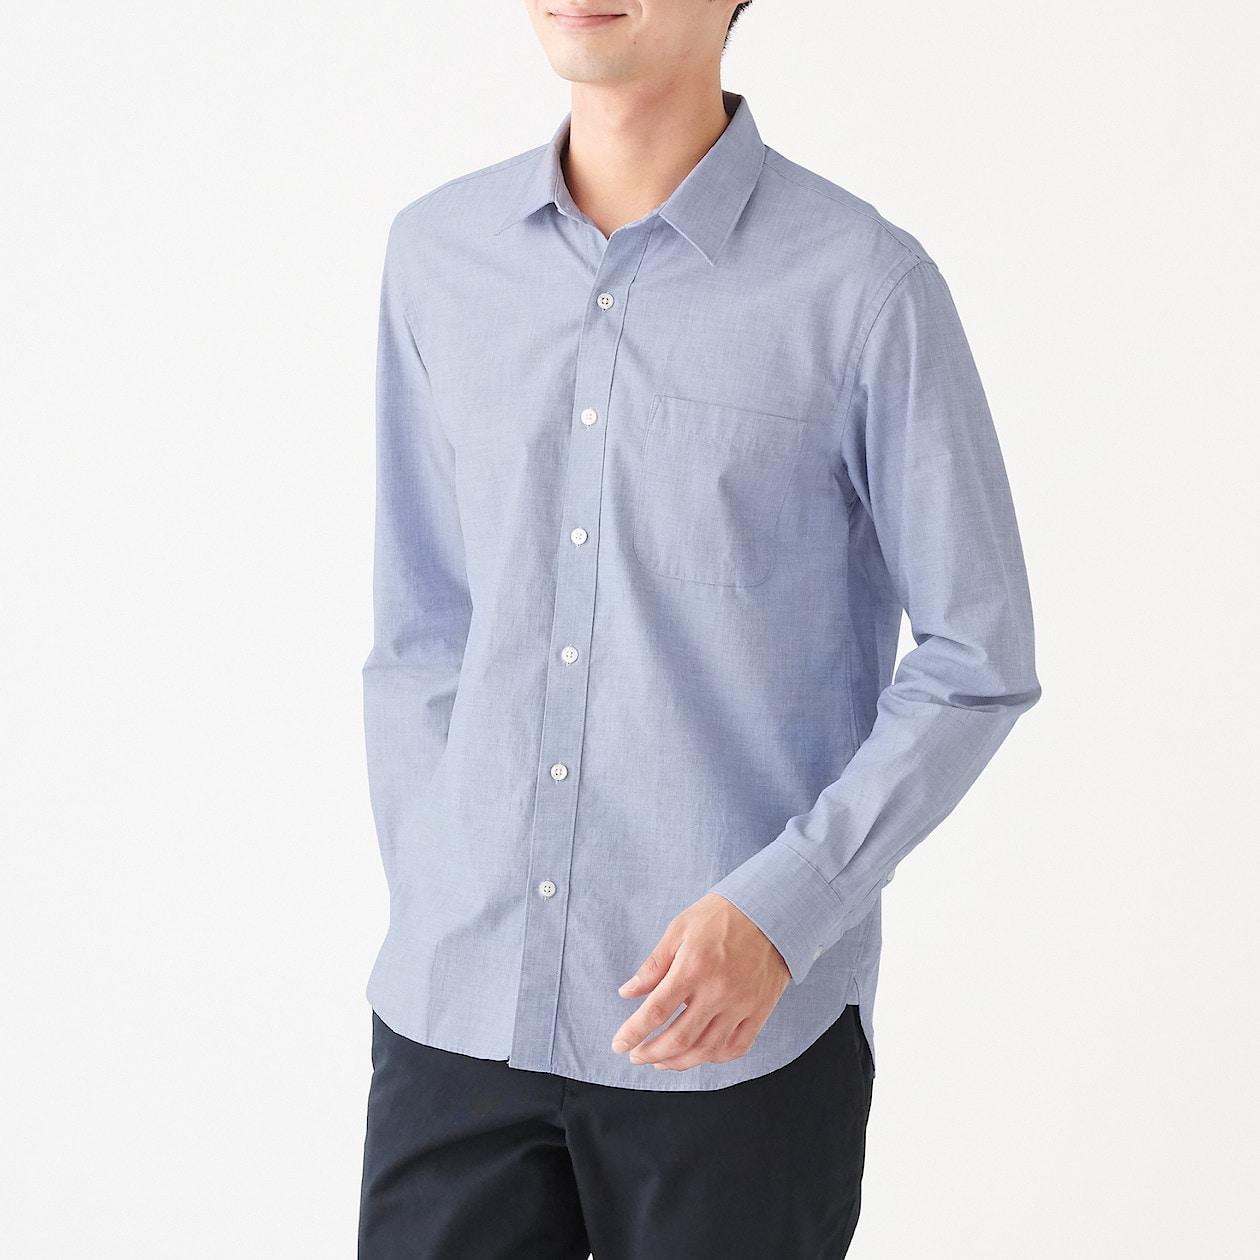 無印良品のおすすめワイシャツは、新疆綿洗いざらしブロードシャツ